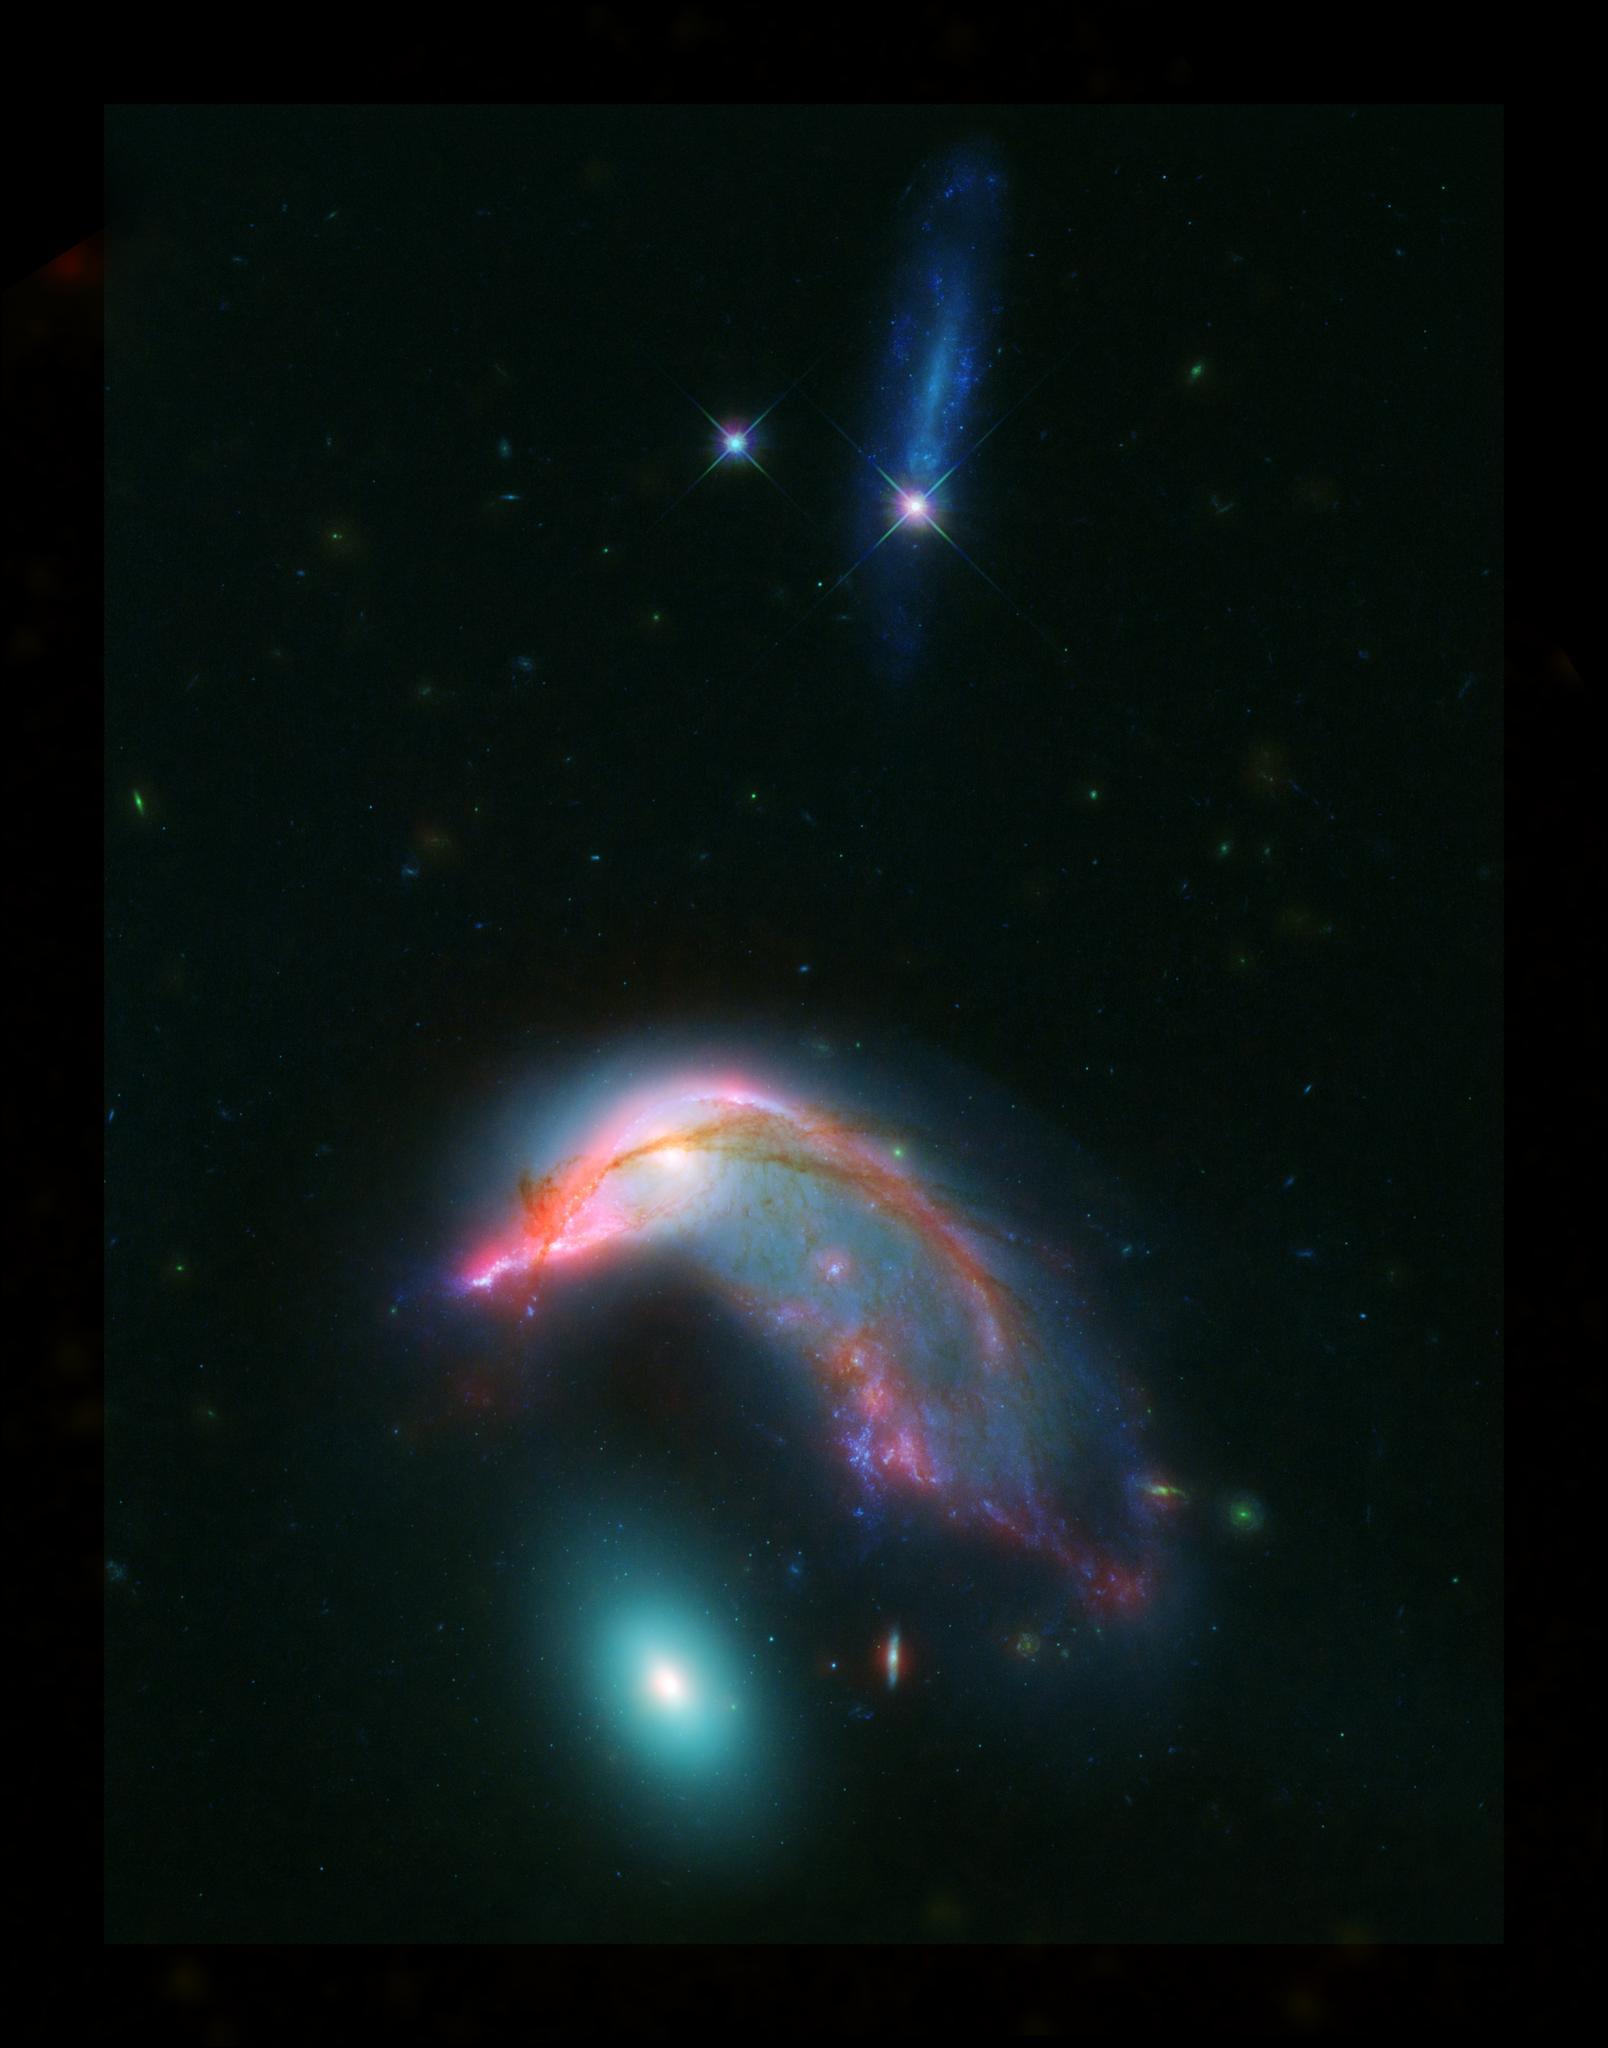 Fotografia della schiera di galassie conosciuta come Arp 142